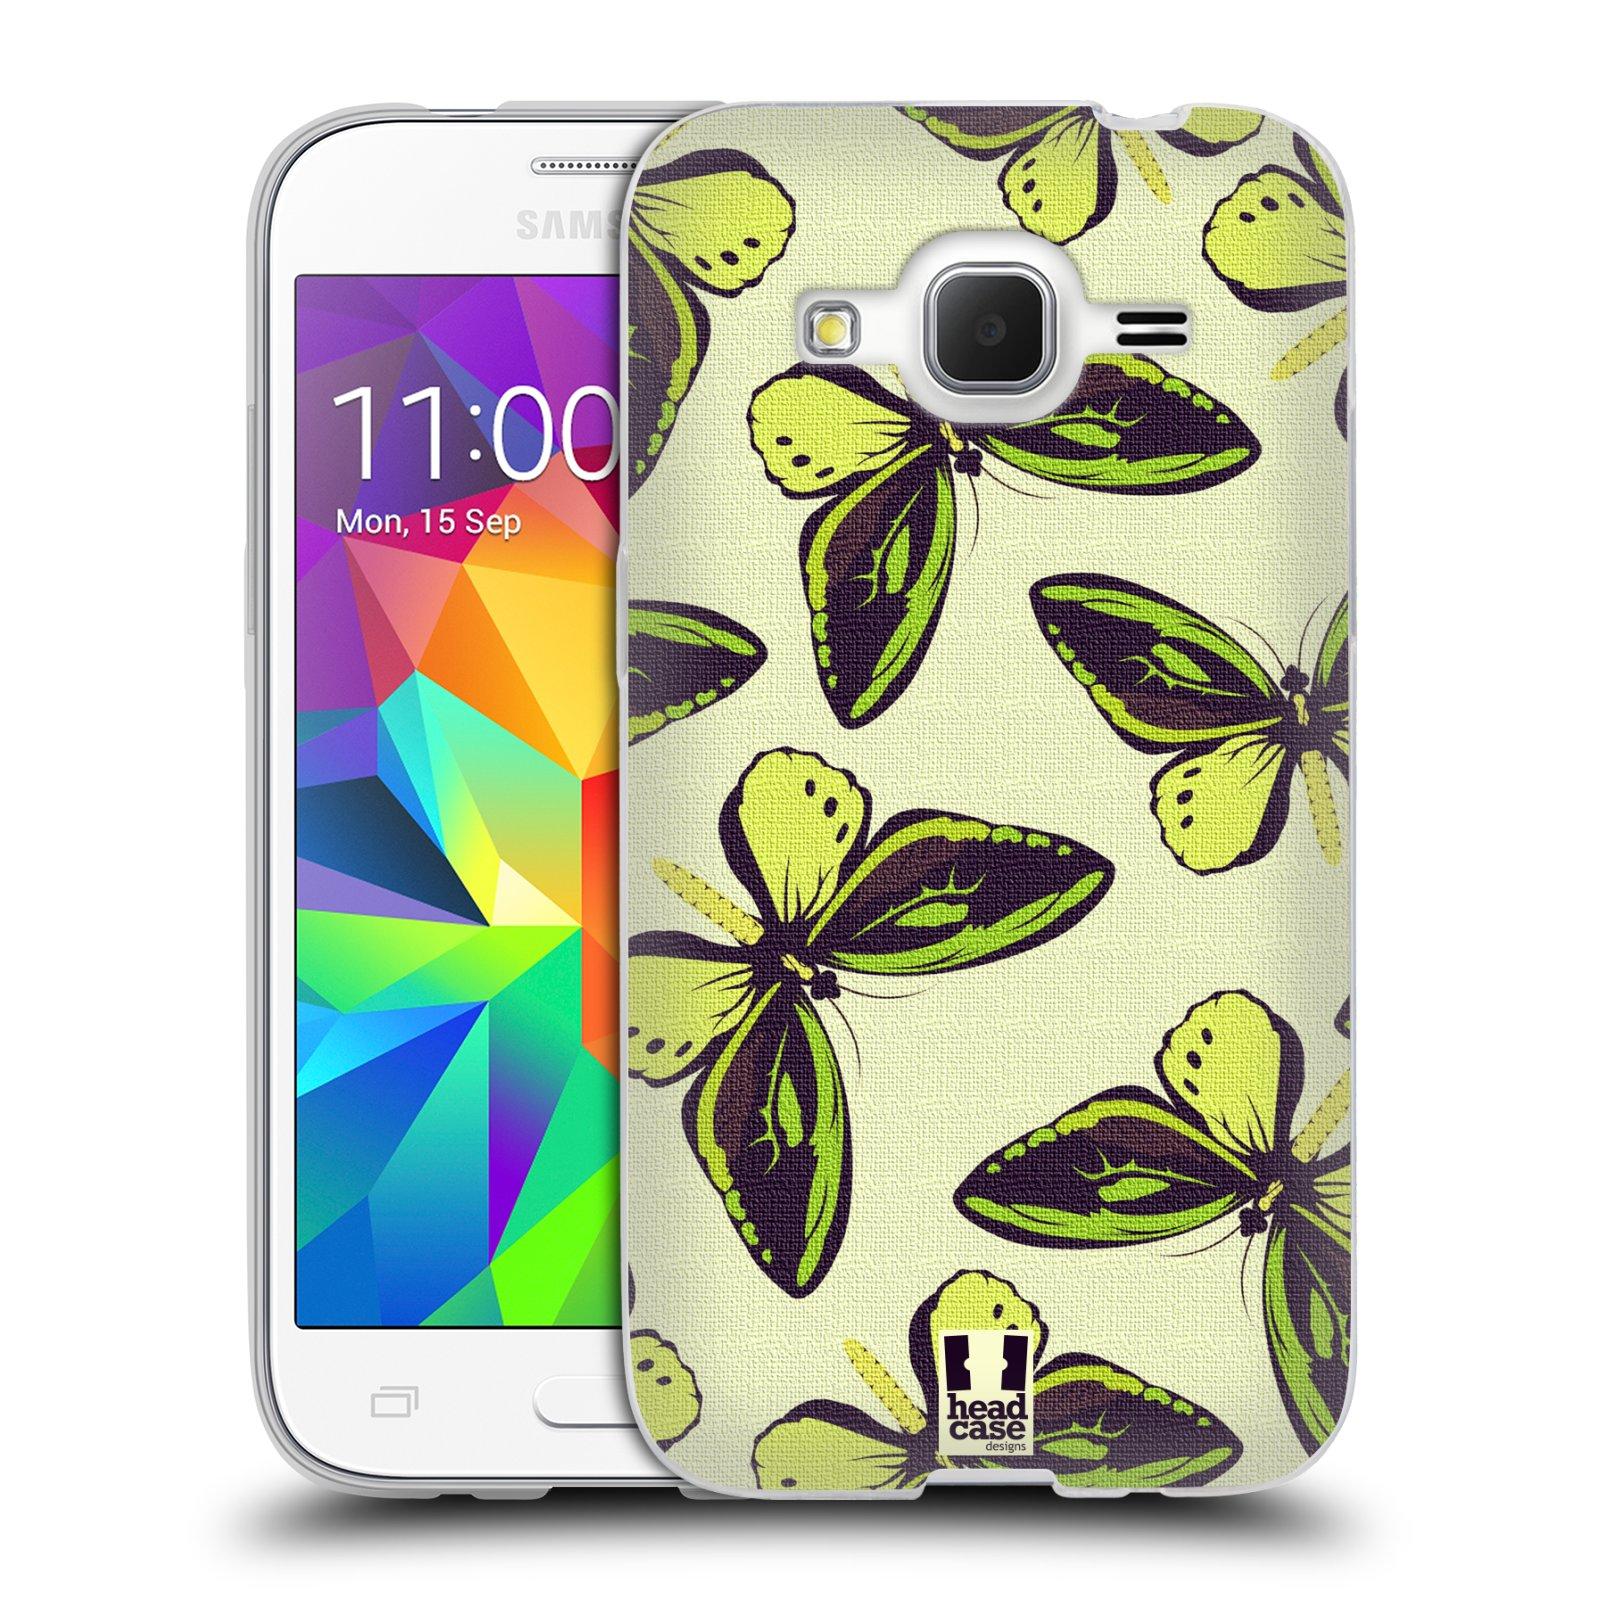 HEAD CASE silikonový obal na mobil Samsung Galaxy Core Prime (G360) vzor Motýlci Poseidon zelená